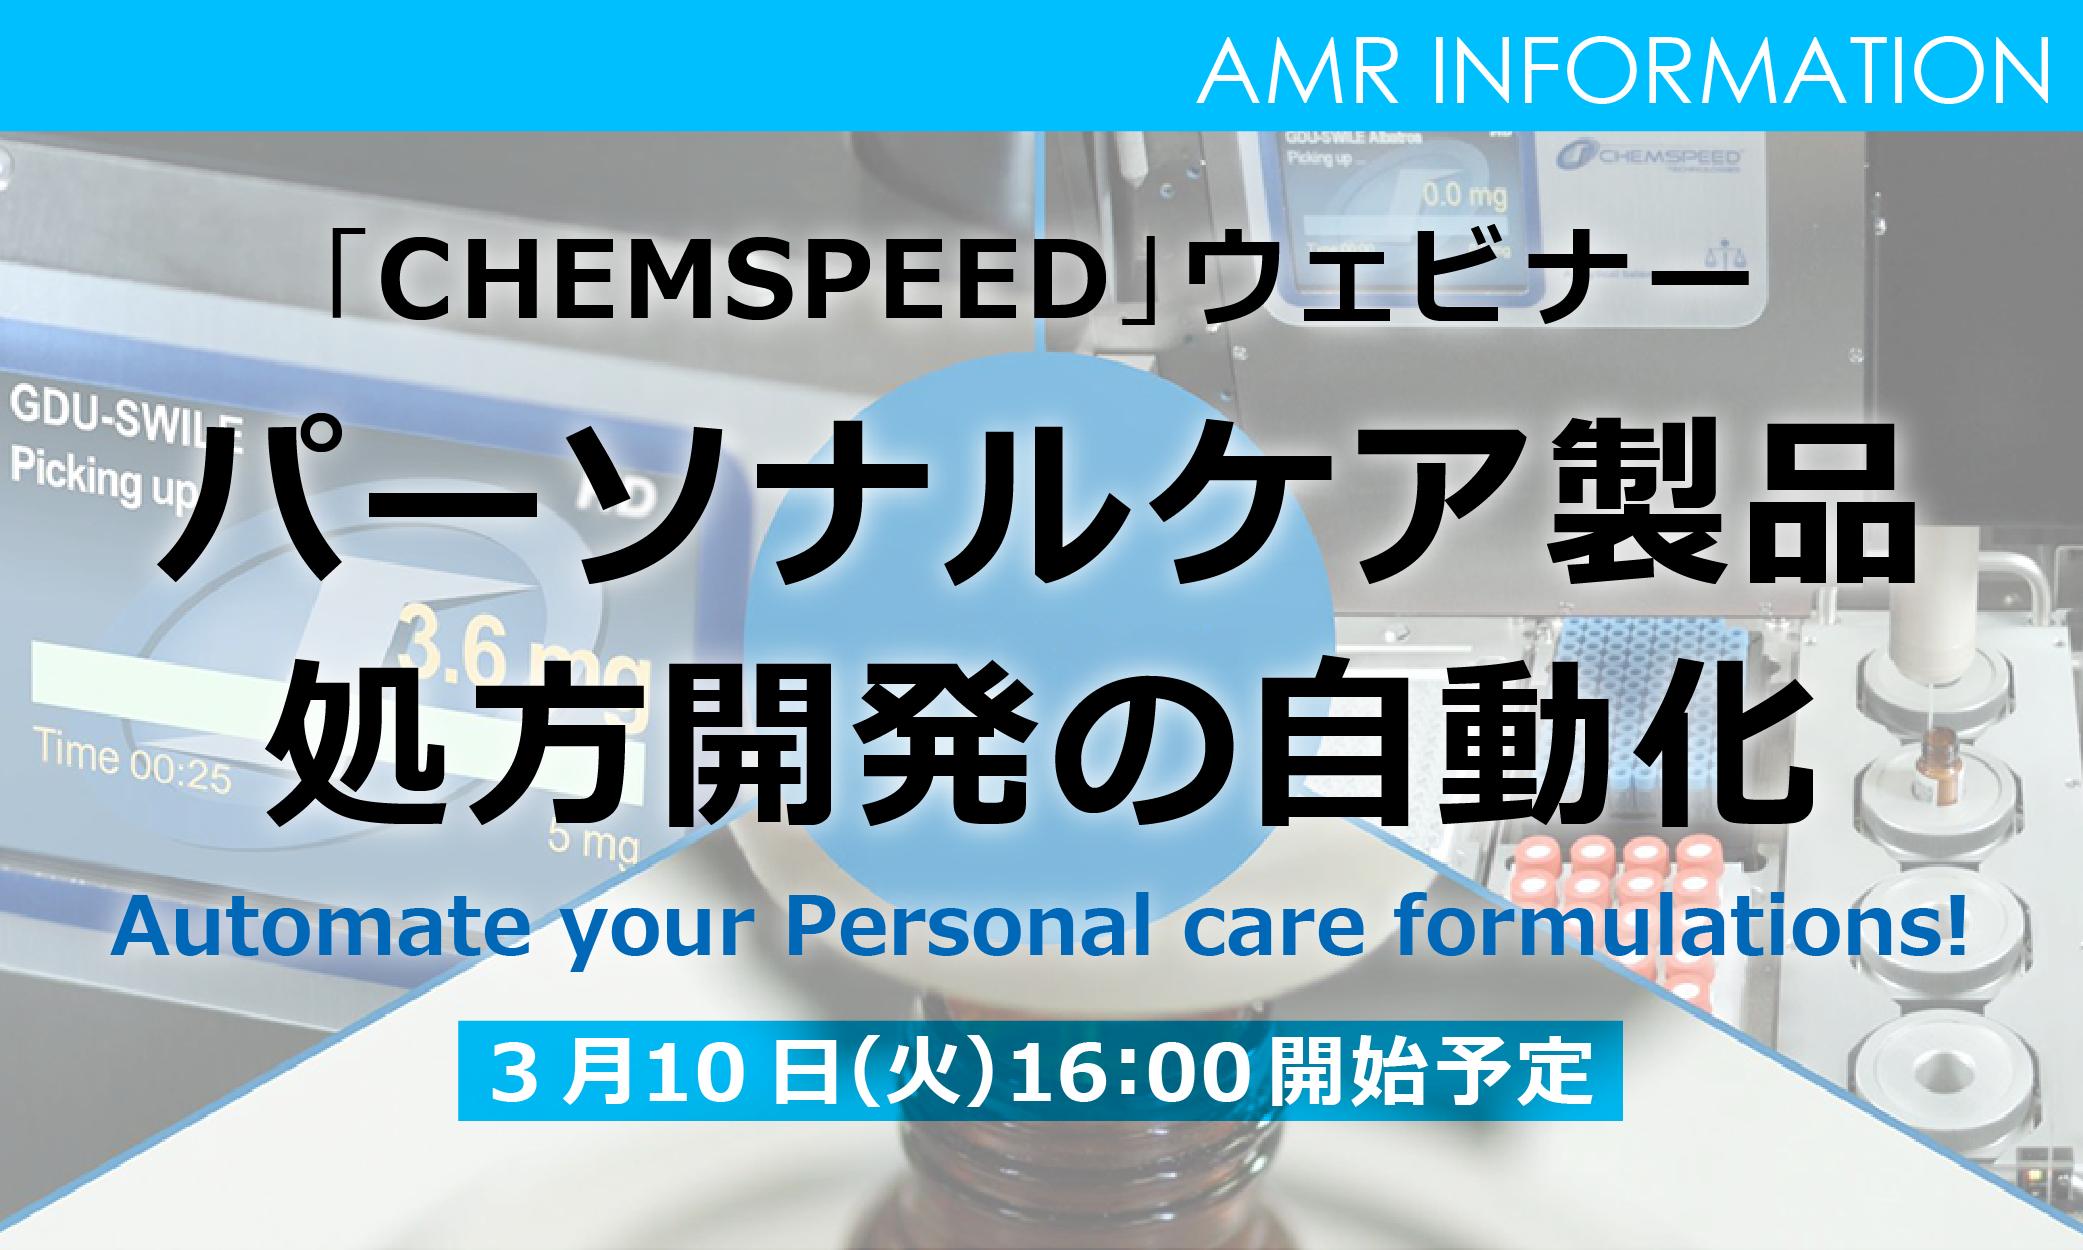 パーソナルケア製品処方開発の自動化ー「CHEMSPEED」ウェビナー開催